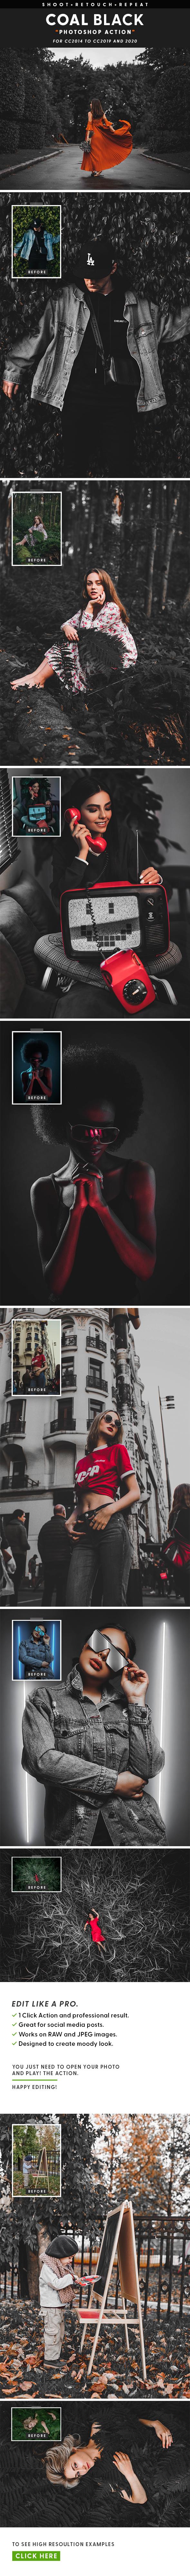 COAL BLACK - Photoshop Action